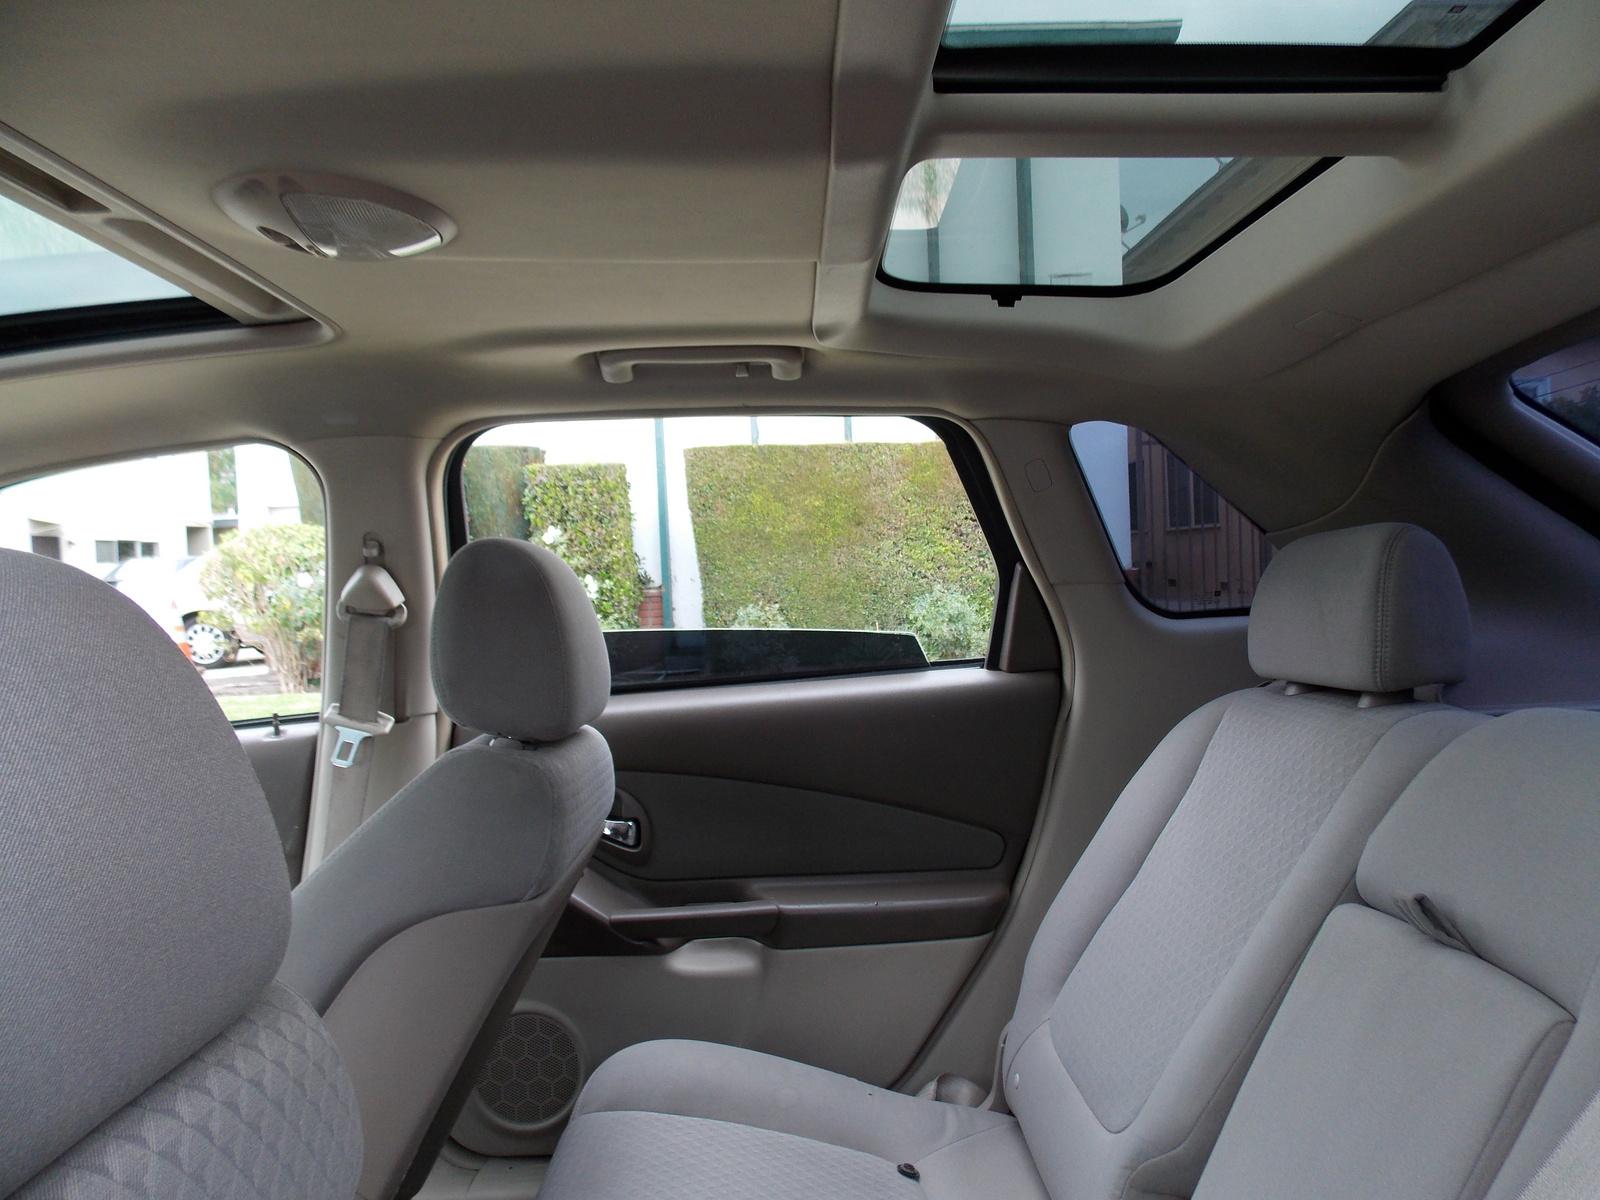 2006 Chevrolet Malibu Maxx - Pictures - CarGurus